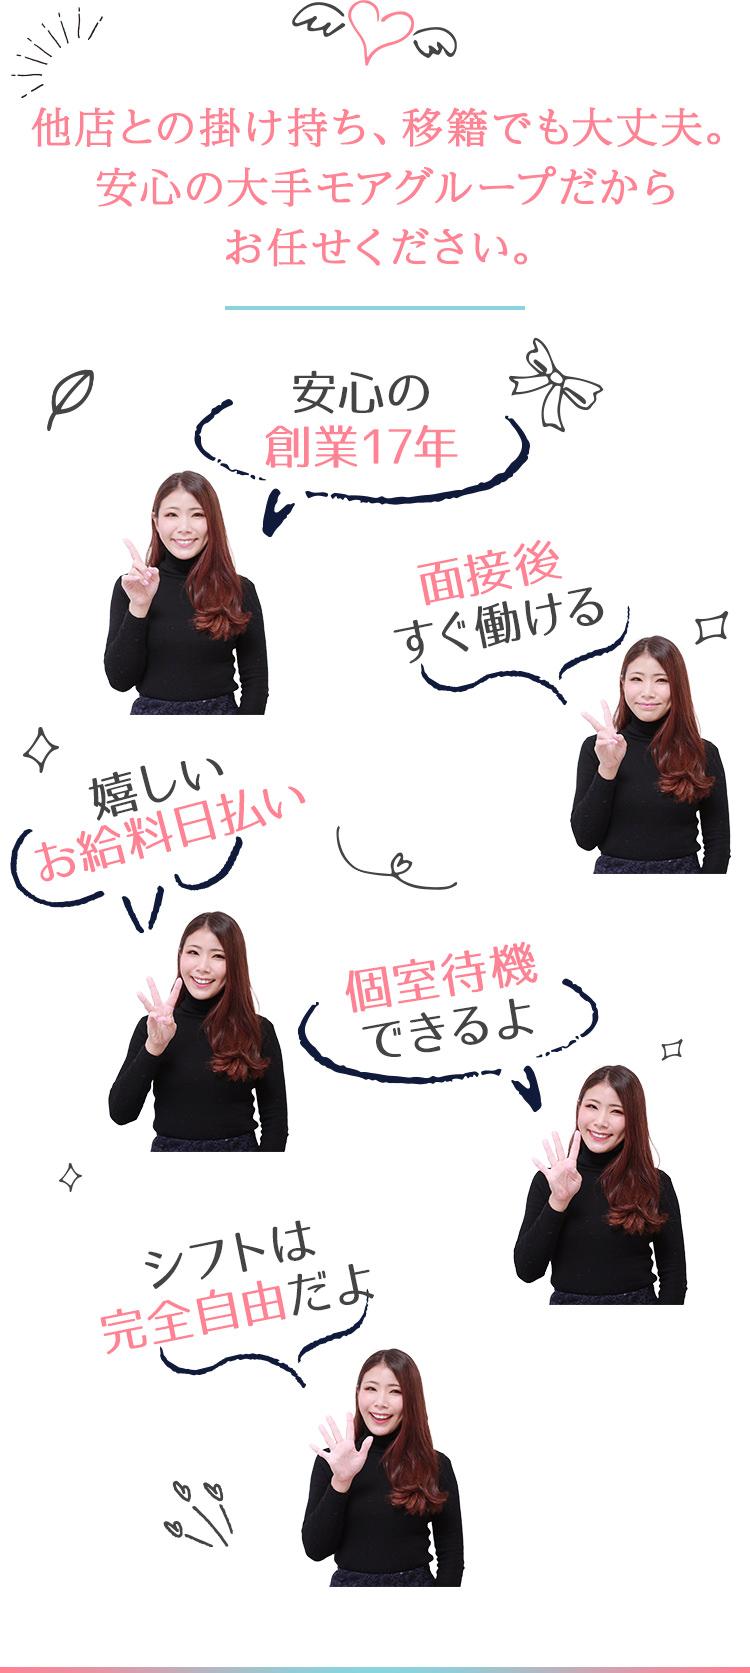 200701_shiro_sec03.jpg